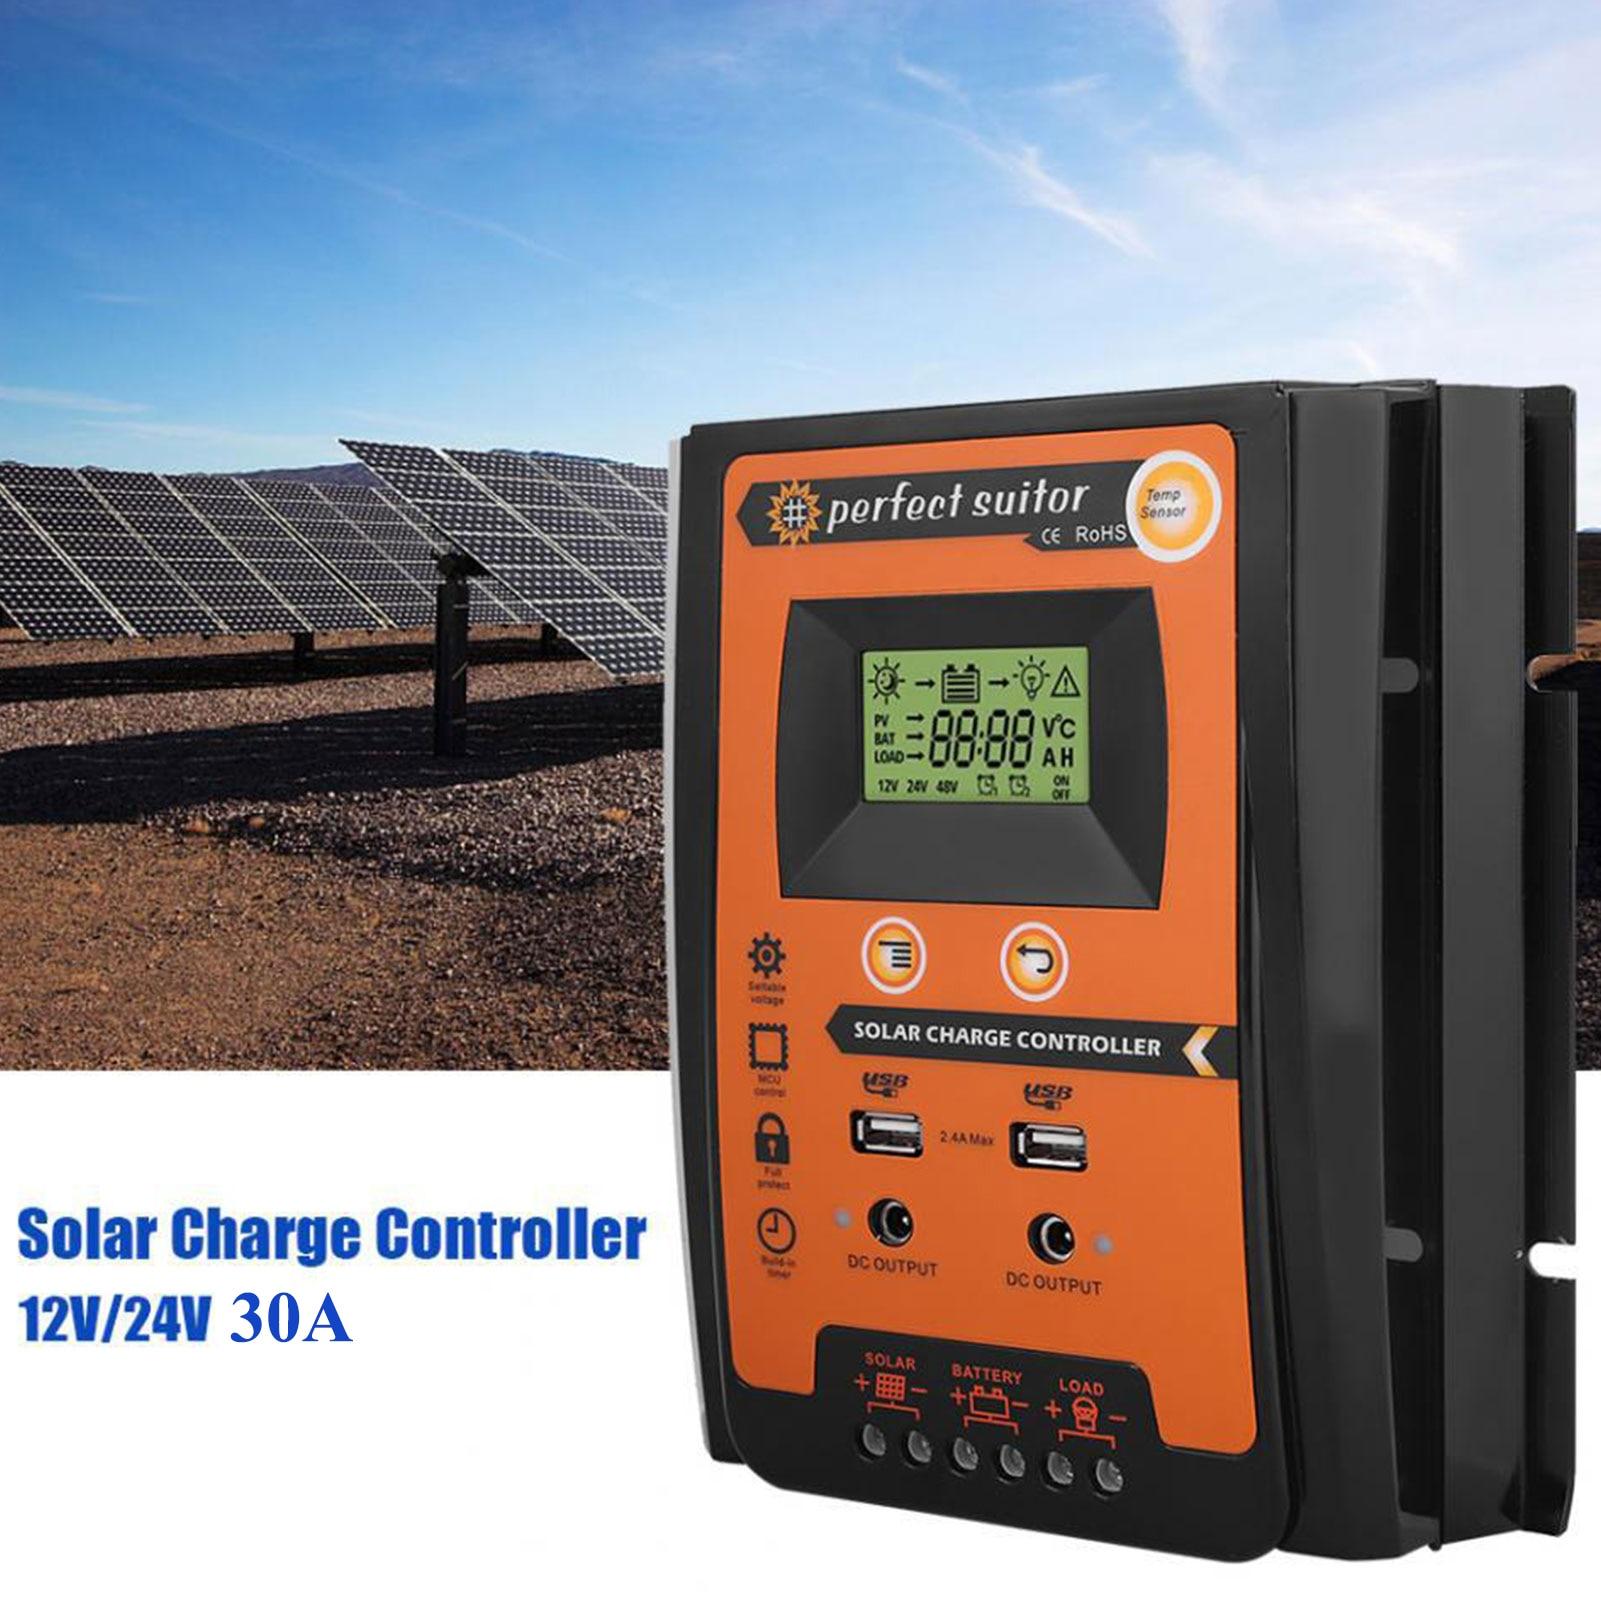 12 فولت 24 فولت MPPT الشمسية جهاز التحكم في الشحن الواح البطاريات الشمسية مكيف الشمسية منظم الطاقة شاشة الكريستال السائل مع منفذ USB المزدوج